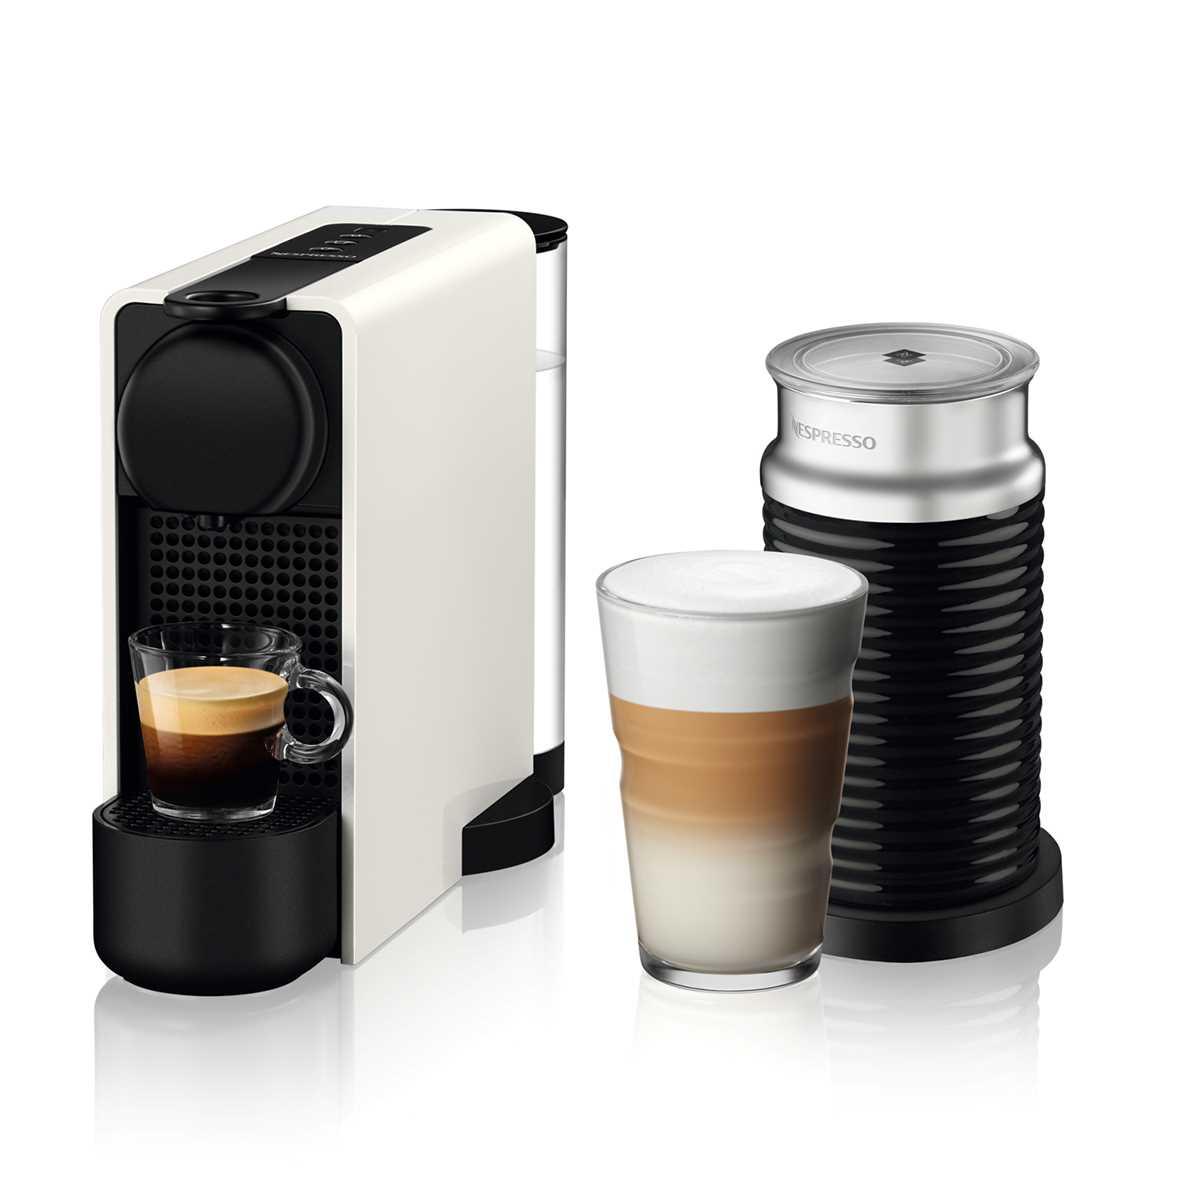 מכונת קפה NESPRESSO Essenza Plus C45 עם מקציף חלב - צבע לבן - תמונה 1